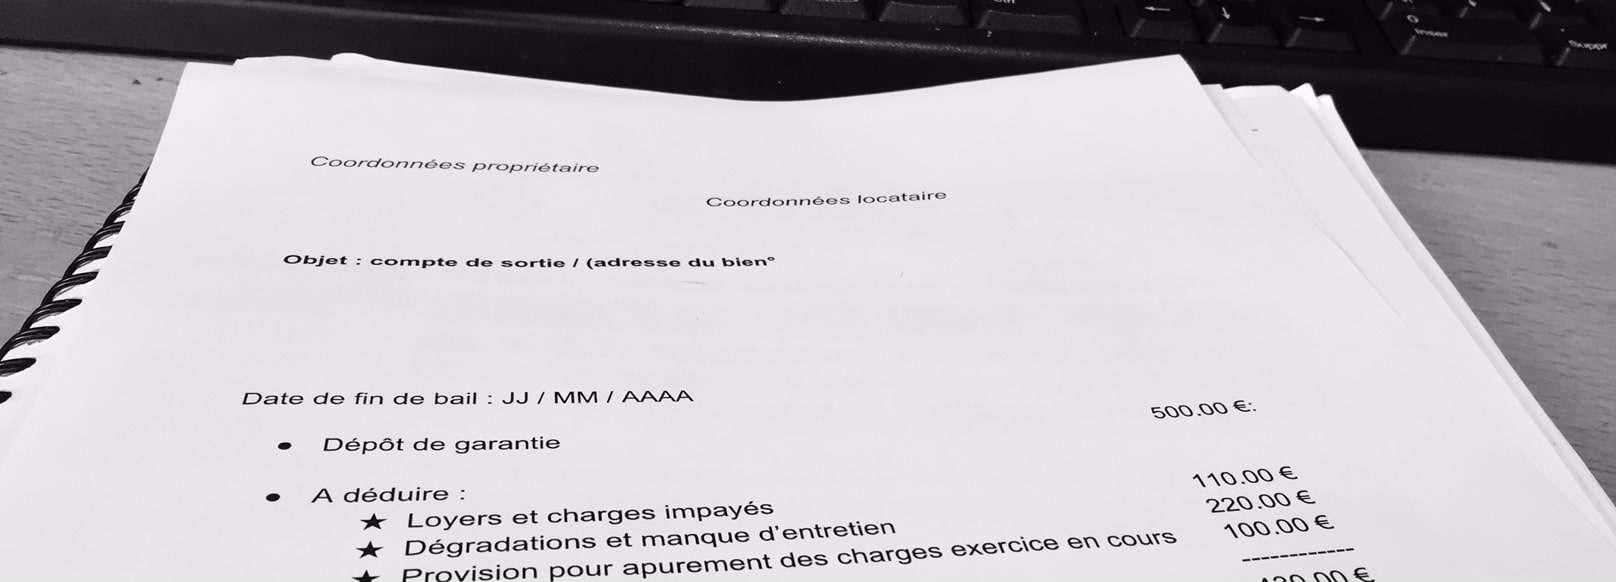 Restitution Depot De Garantie Comment Calculer Le Montant